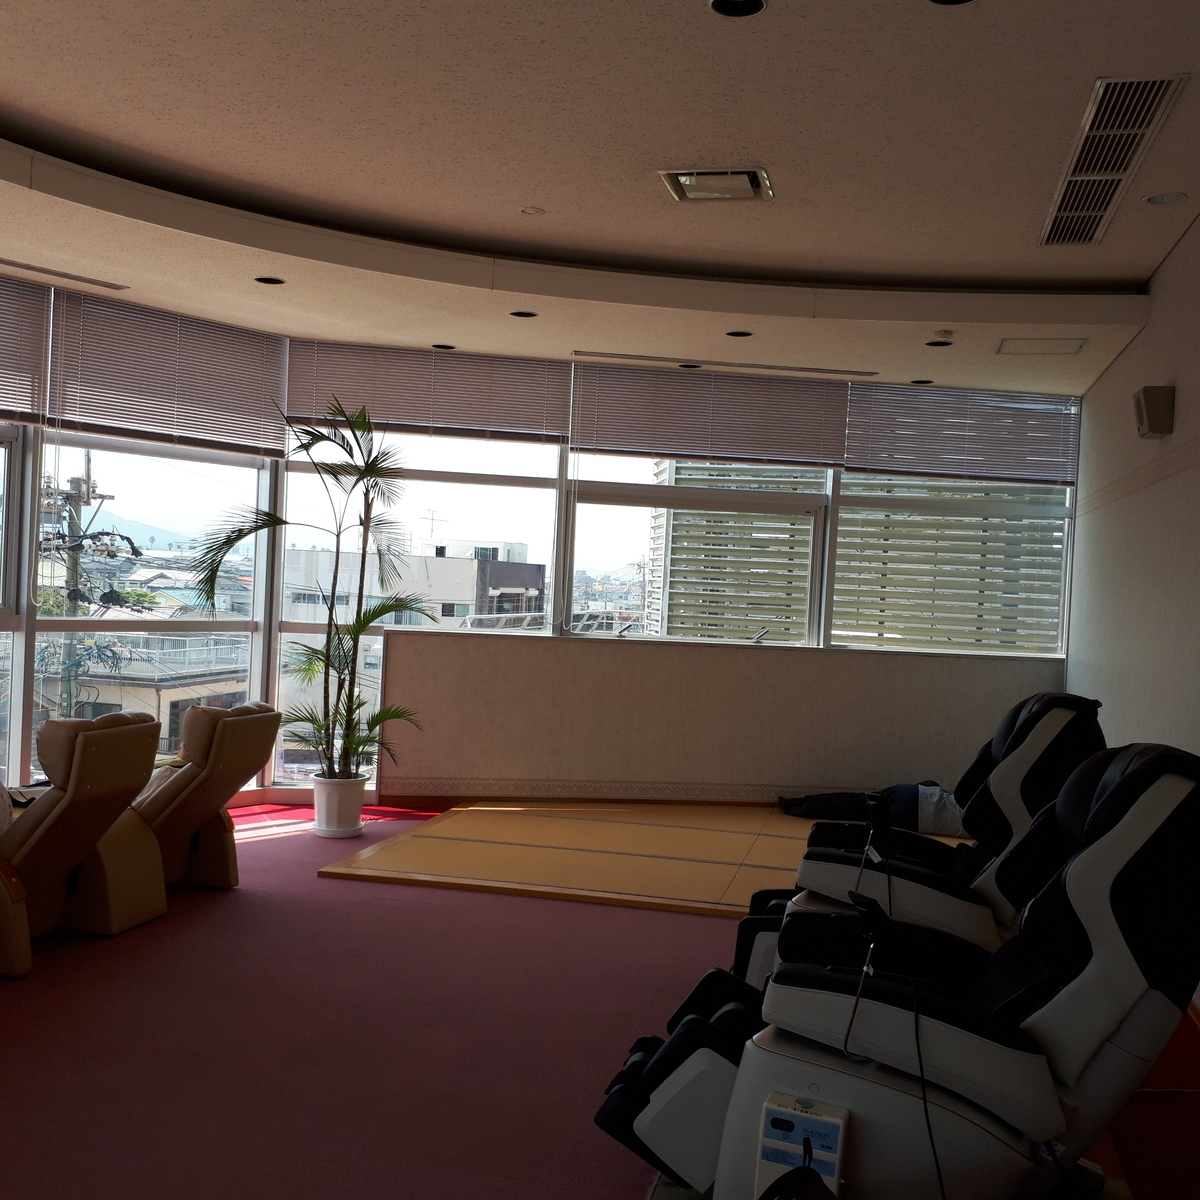 指宿 砂蒸し会館 砂楽 3階 休憩所